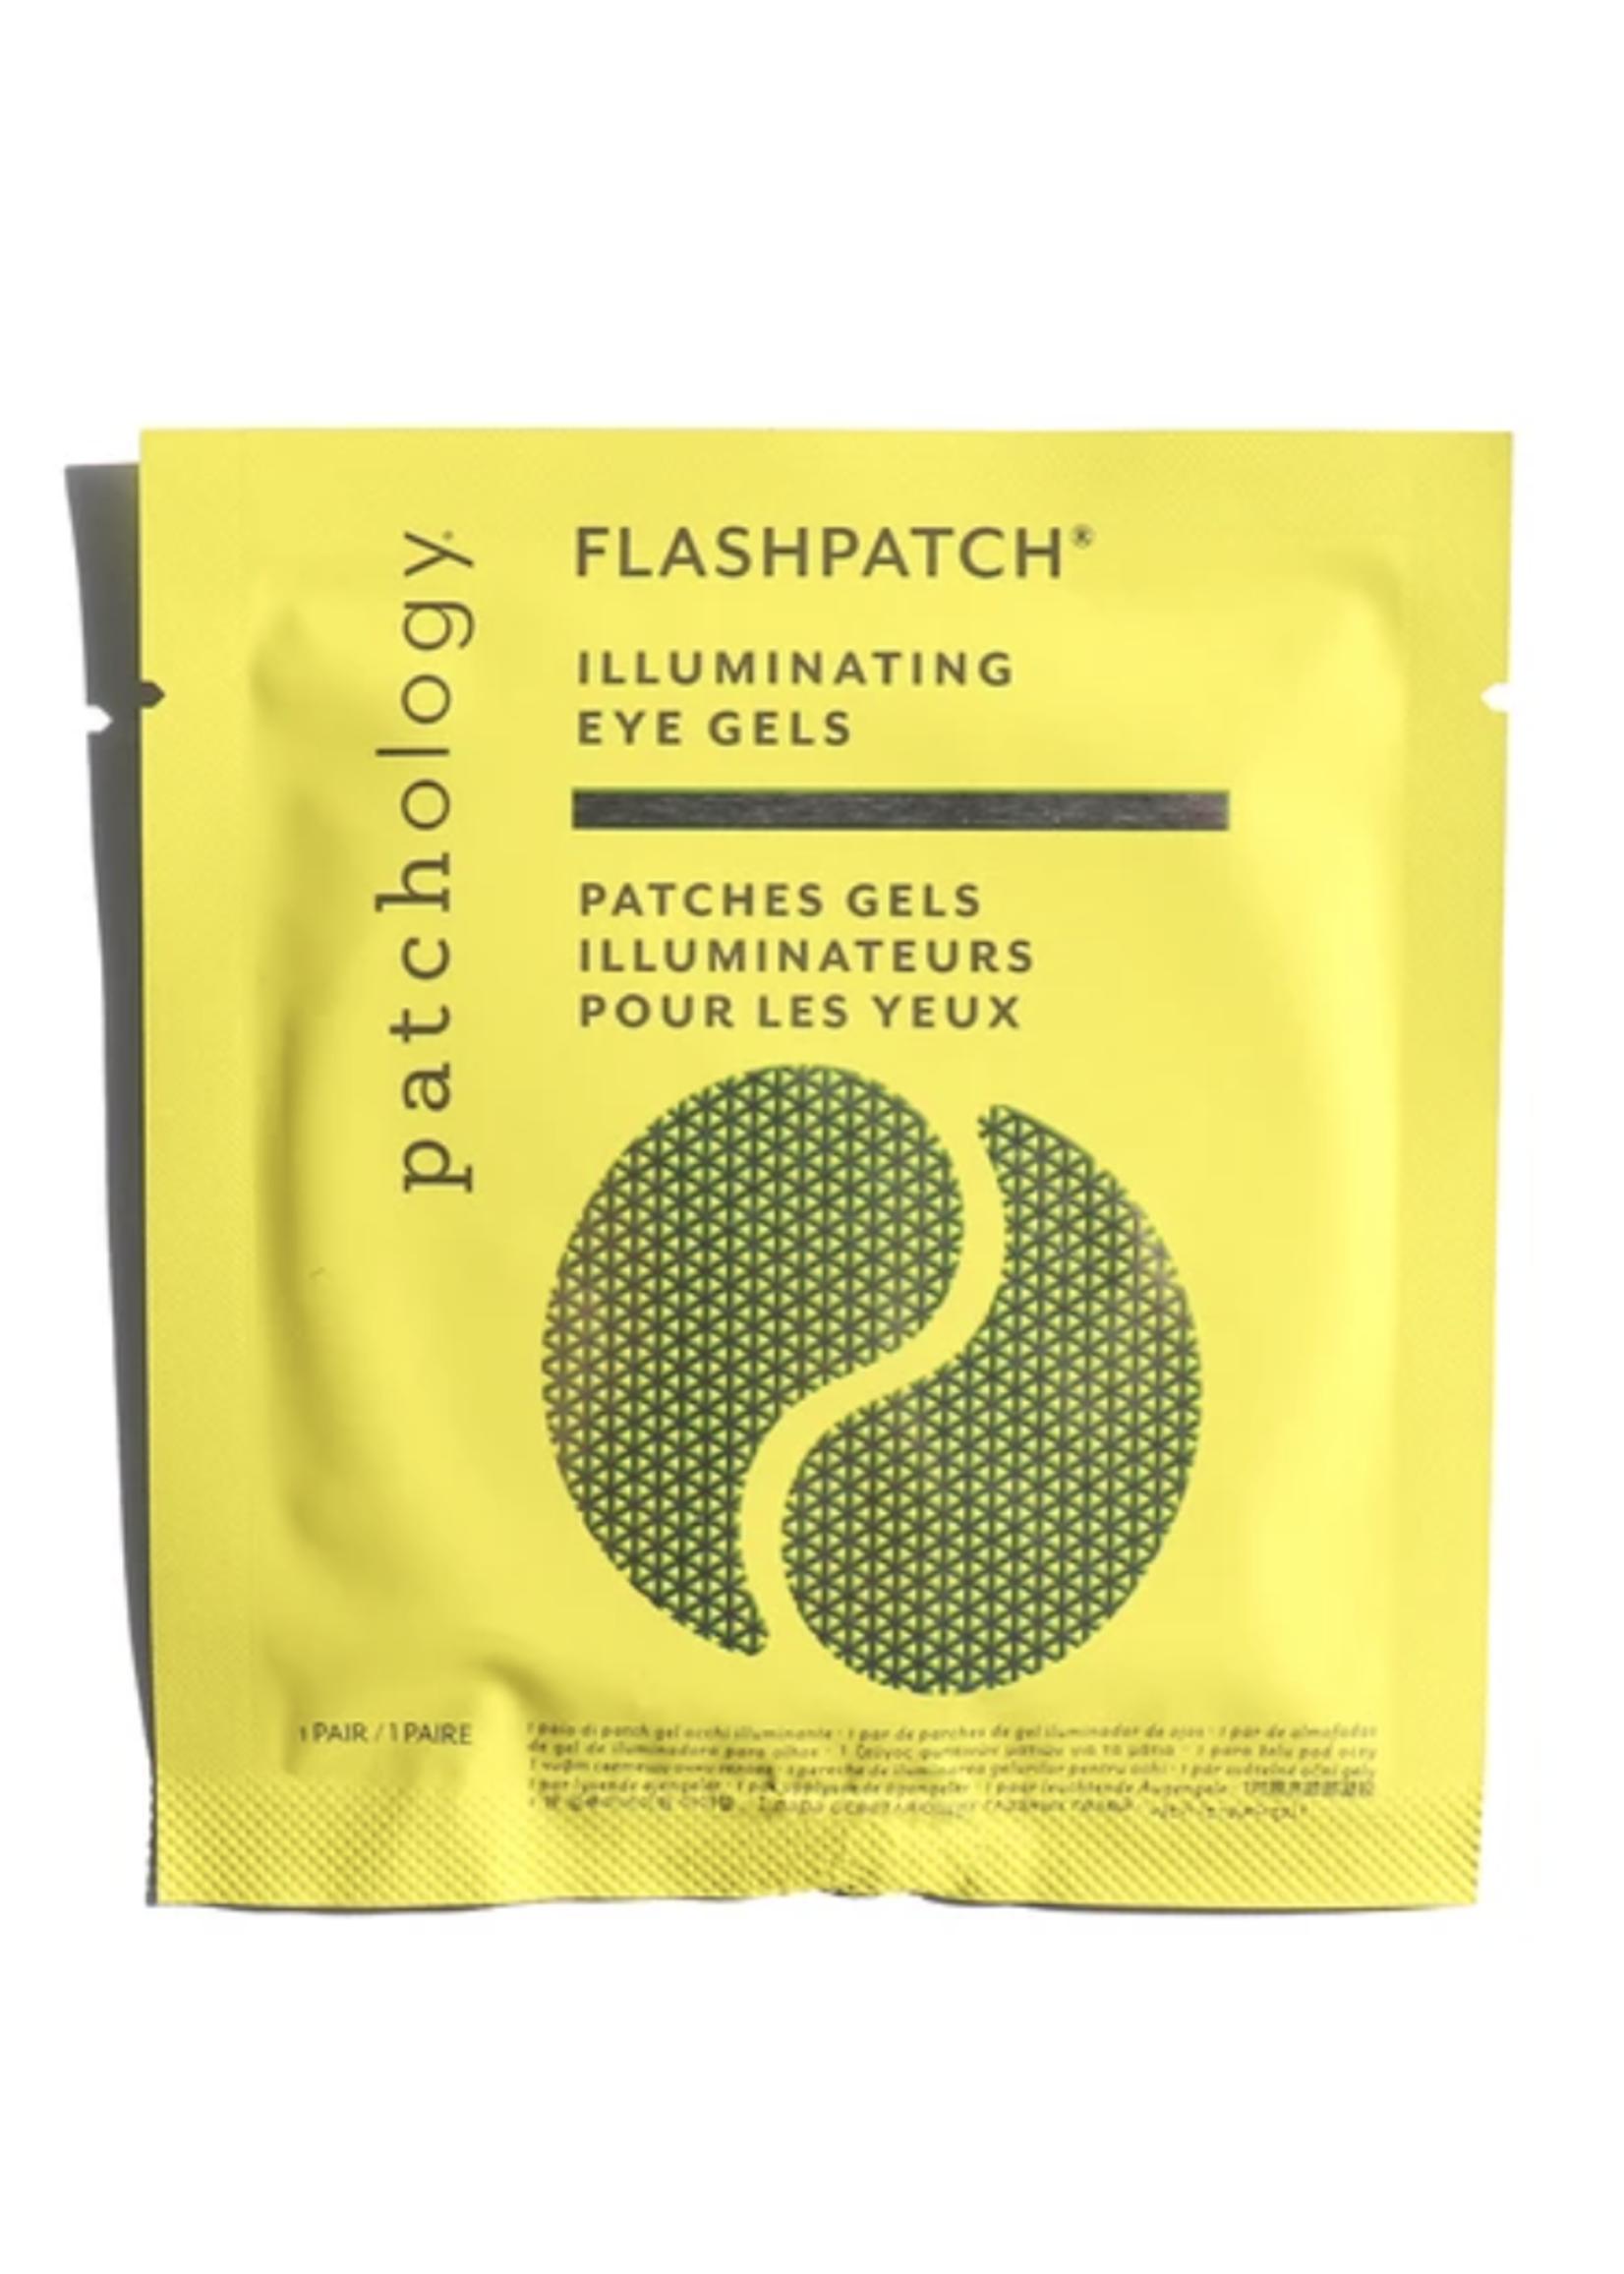 Patchology Flashpatch Illuminating Eye Gels